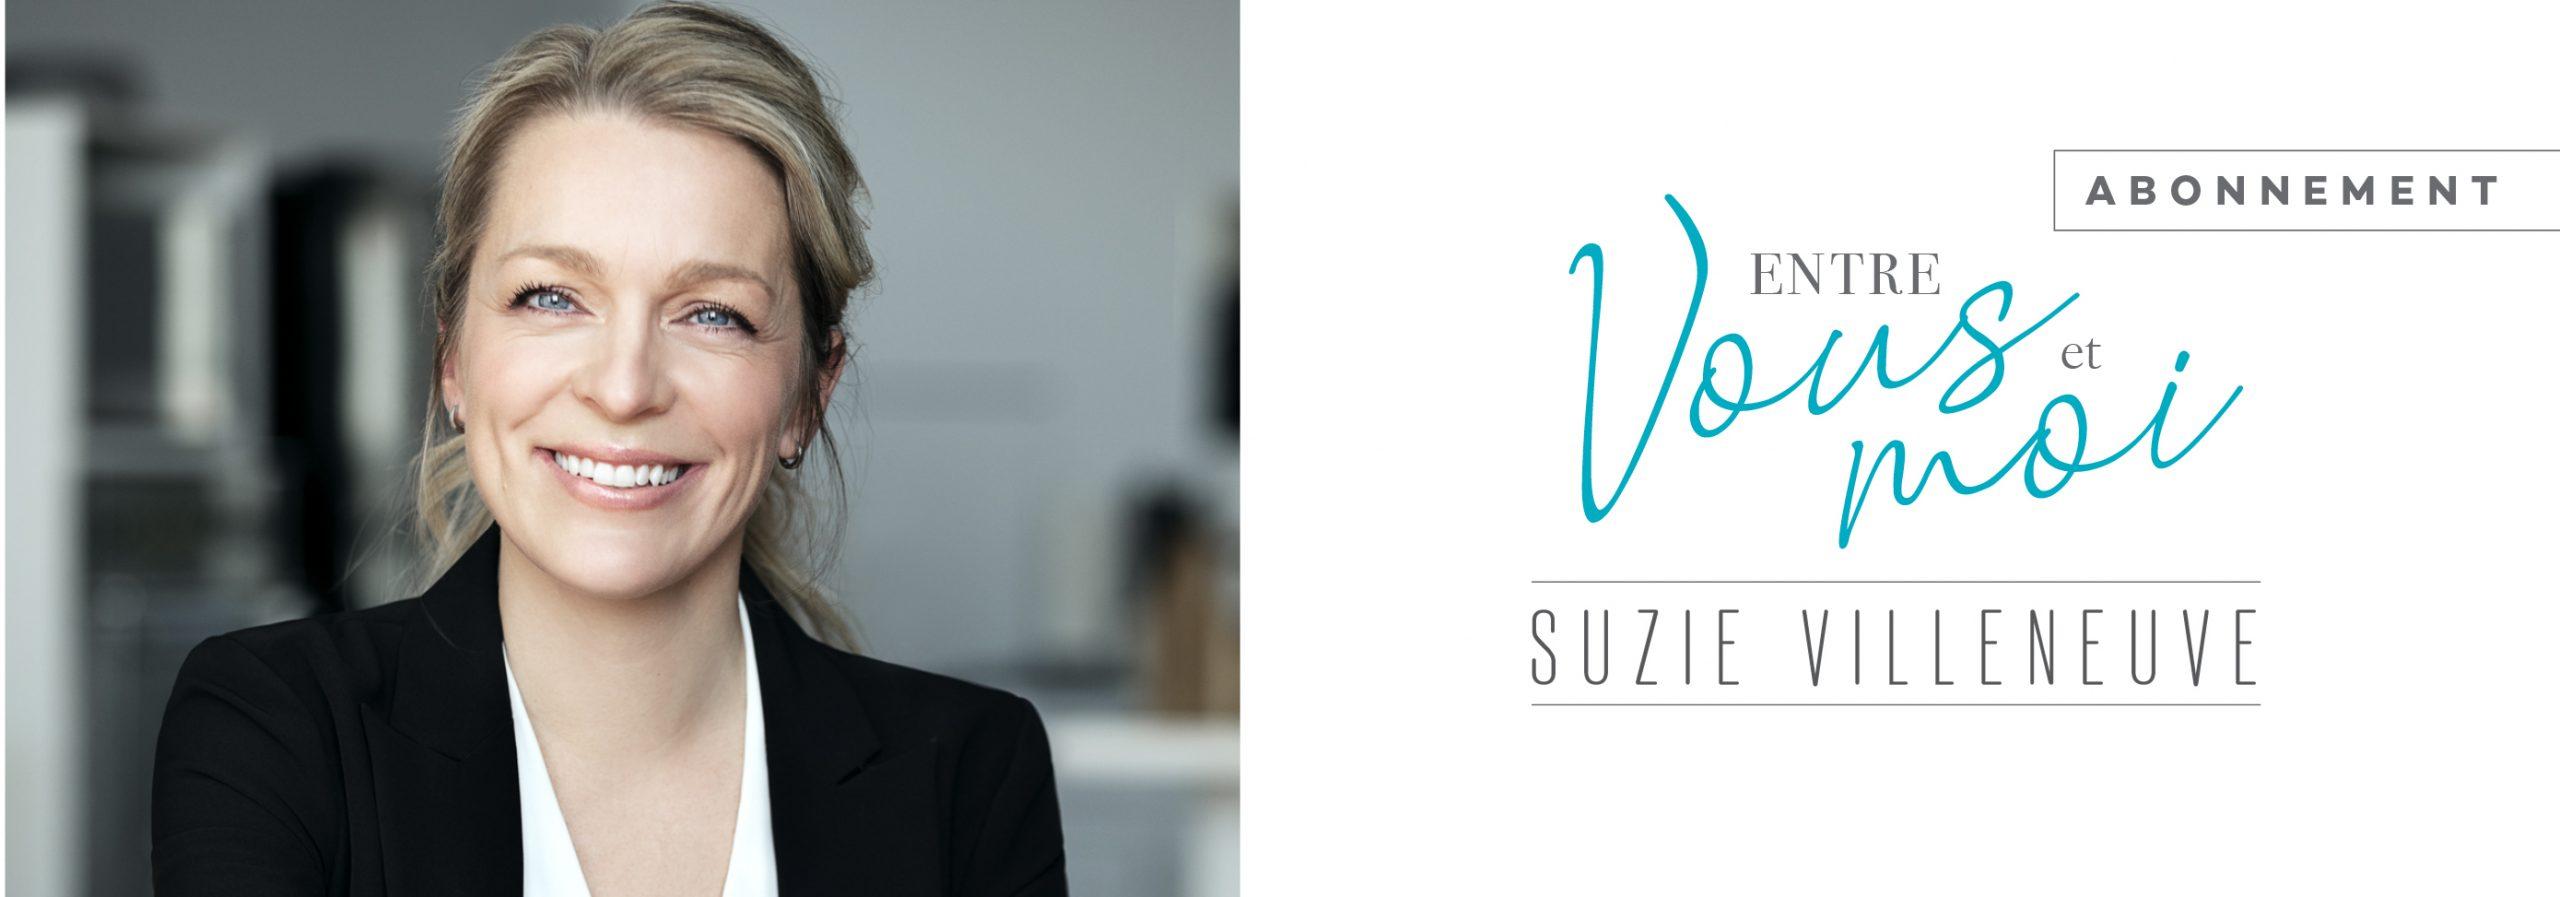 Suzie Villeneuve Abonnement Entre vous et Moi